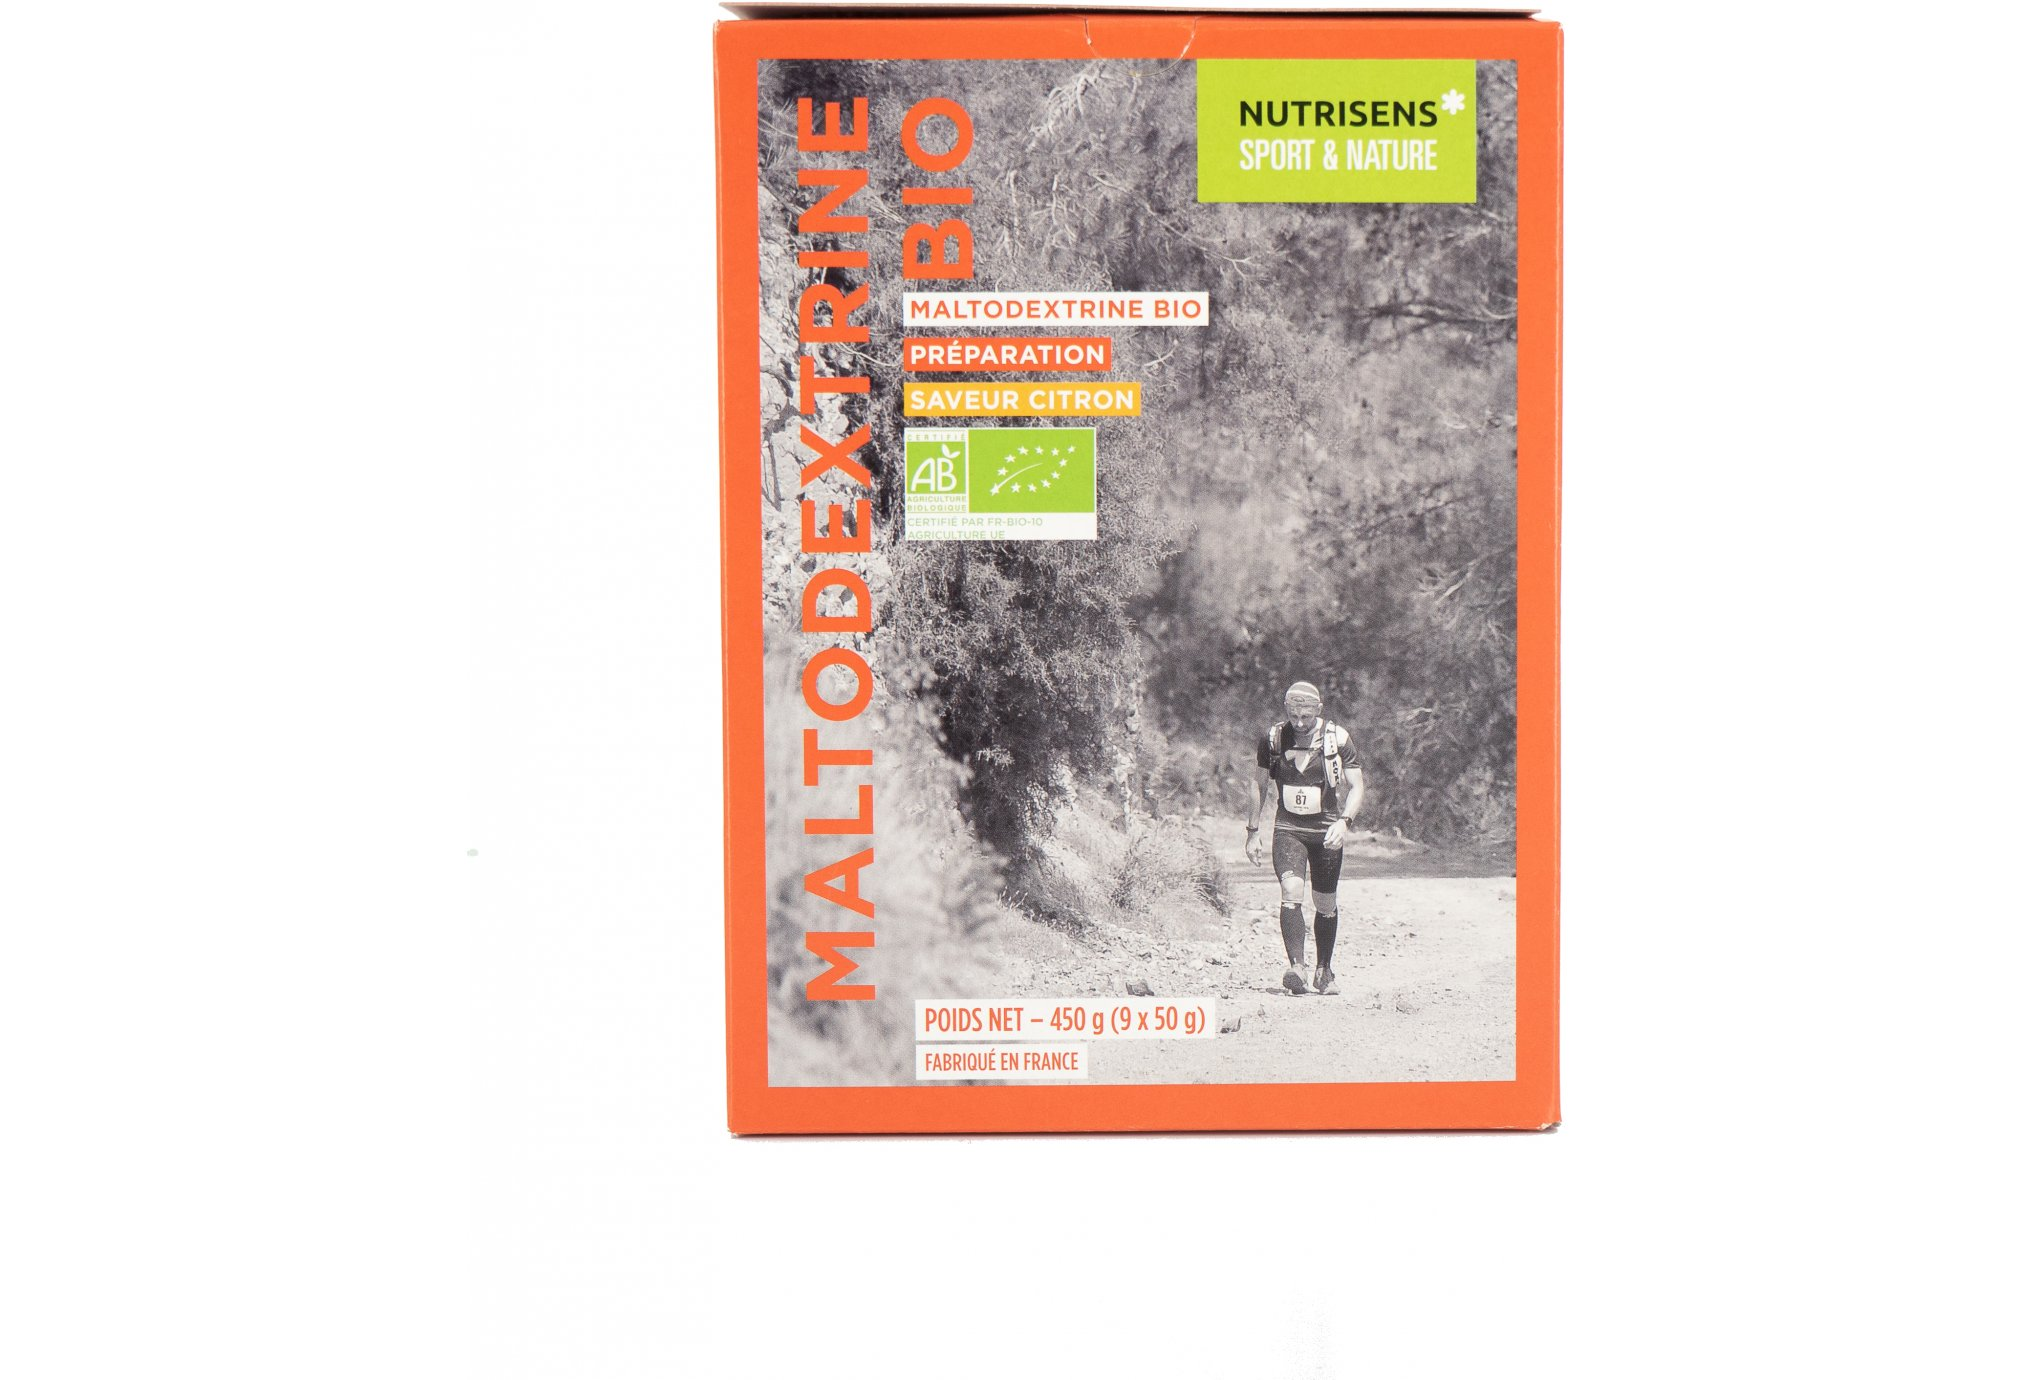 Nutrisens Sport Maltodextrine Bio - Citron Diététique Préparation